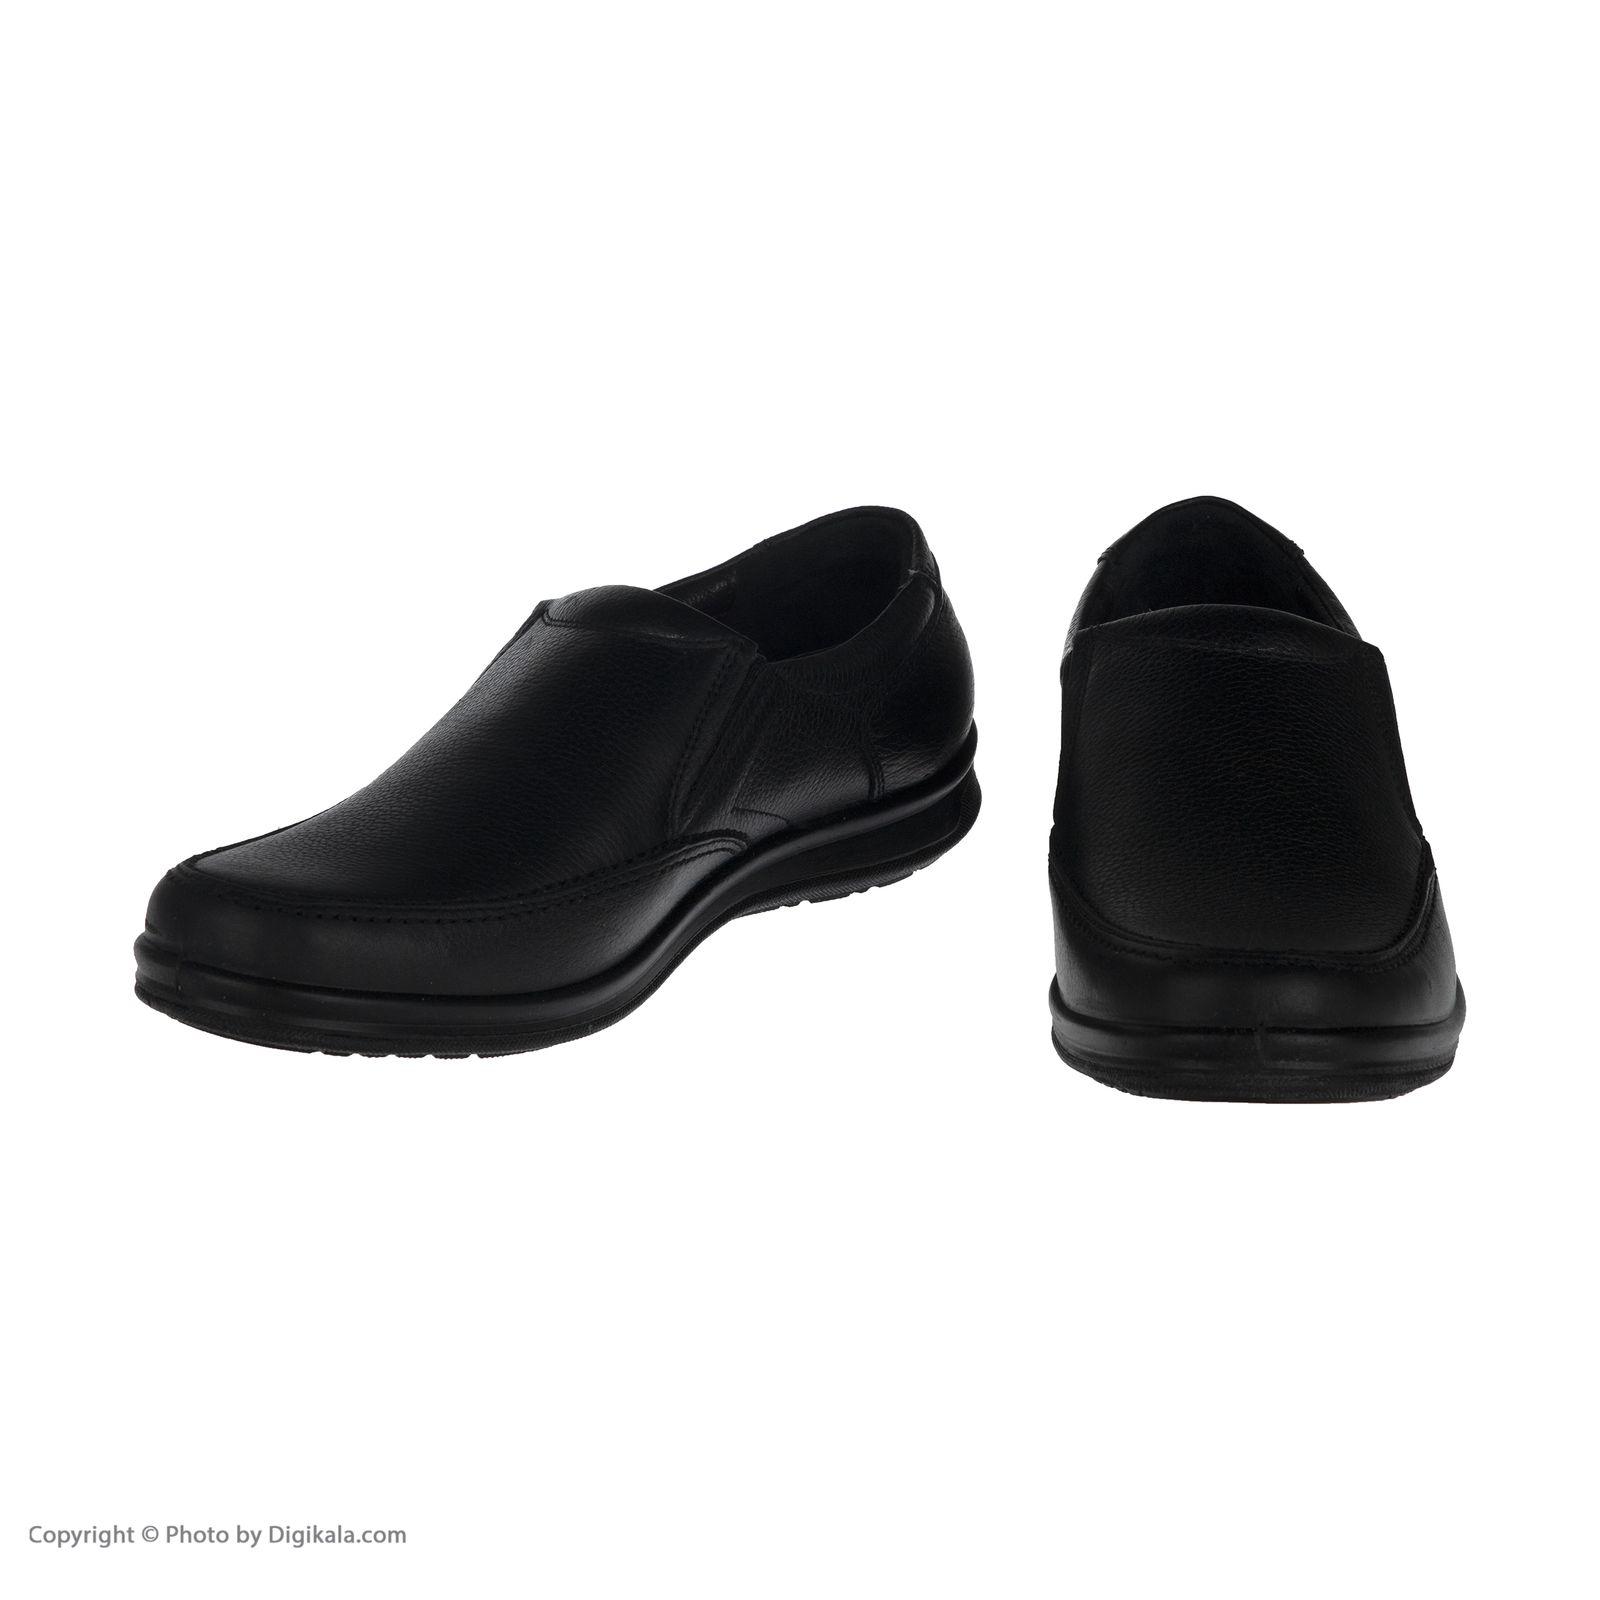 کفش روزمره مردانه بلوط مدل 7296A503101 -  - 6